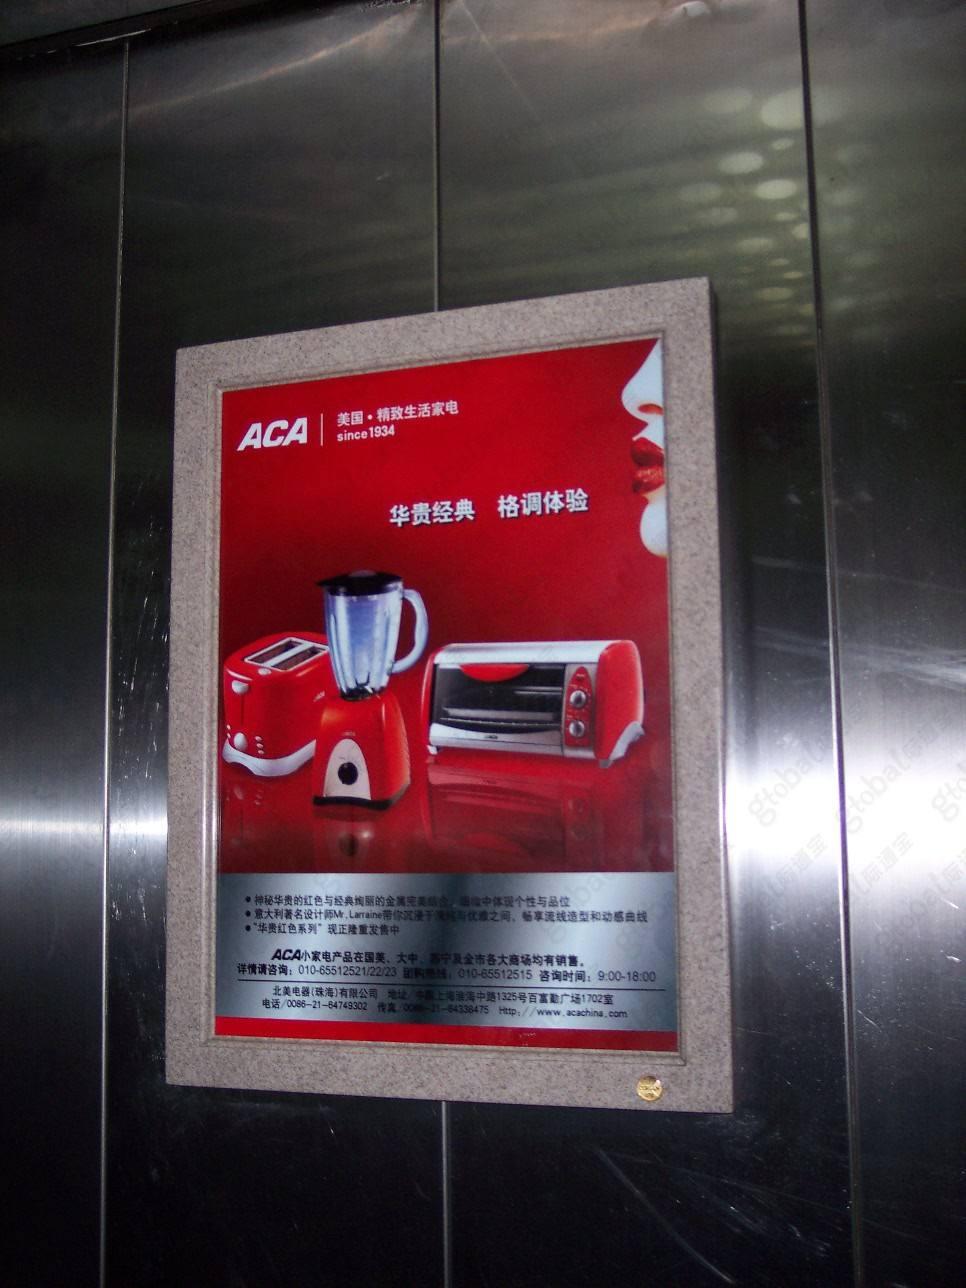 兰州高端小区电梯广告-分众资源低至2折